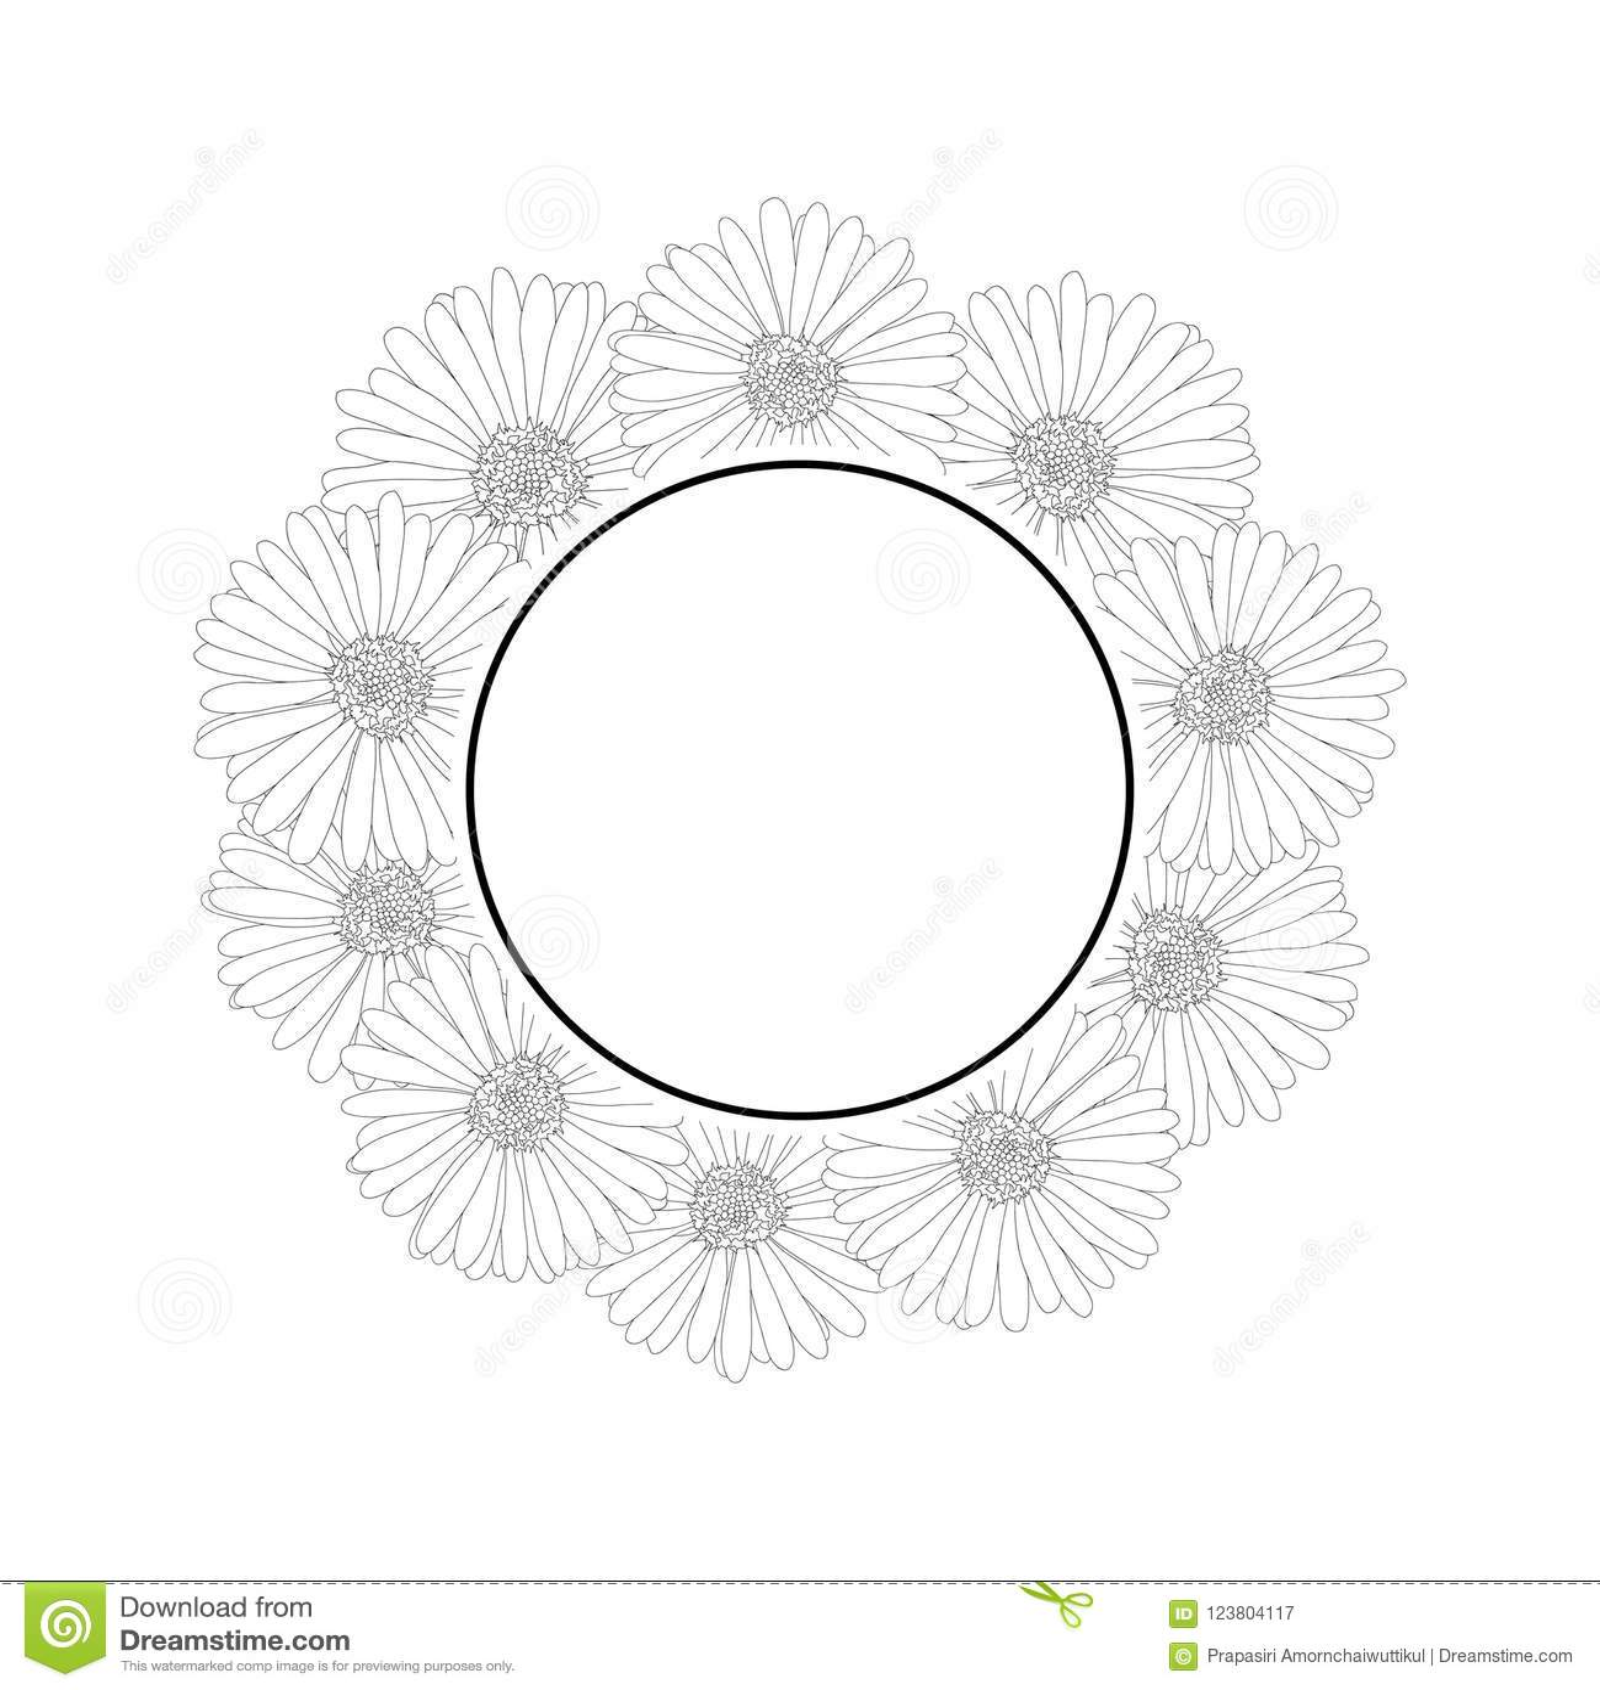 Aster Daisy Flower Outline Banner Wreath Vector Illustration Stock